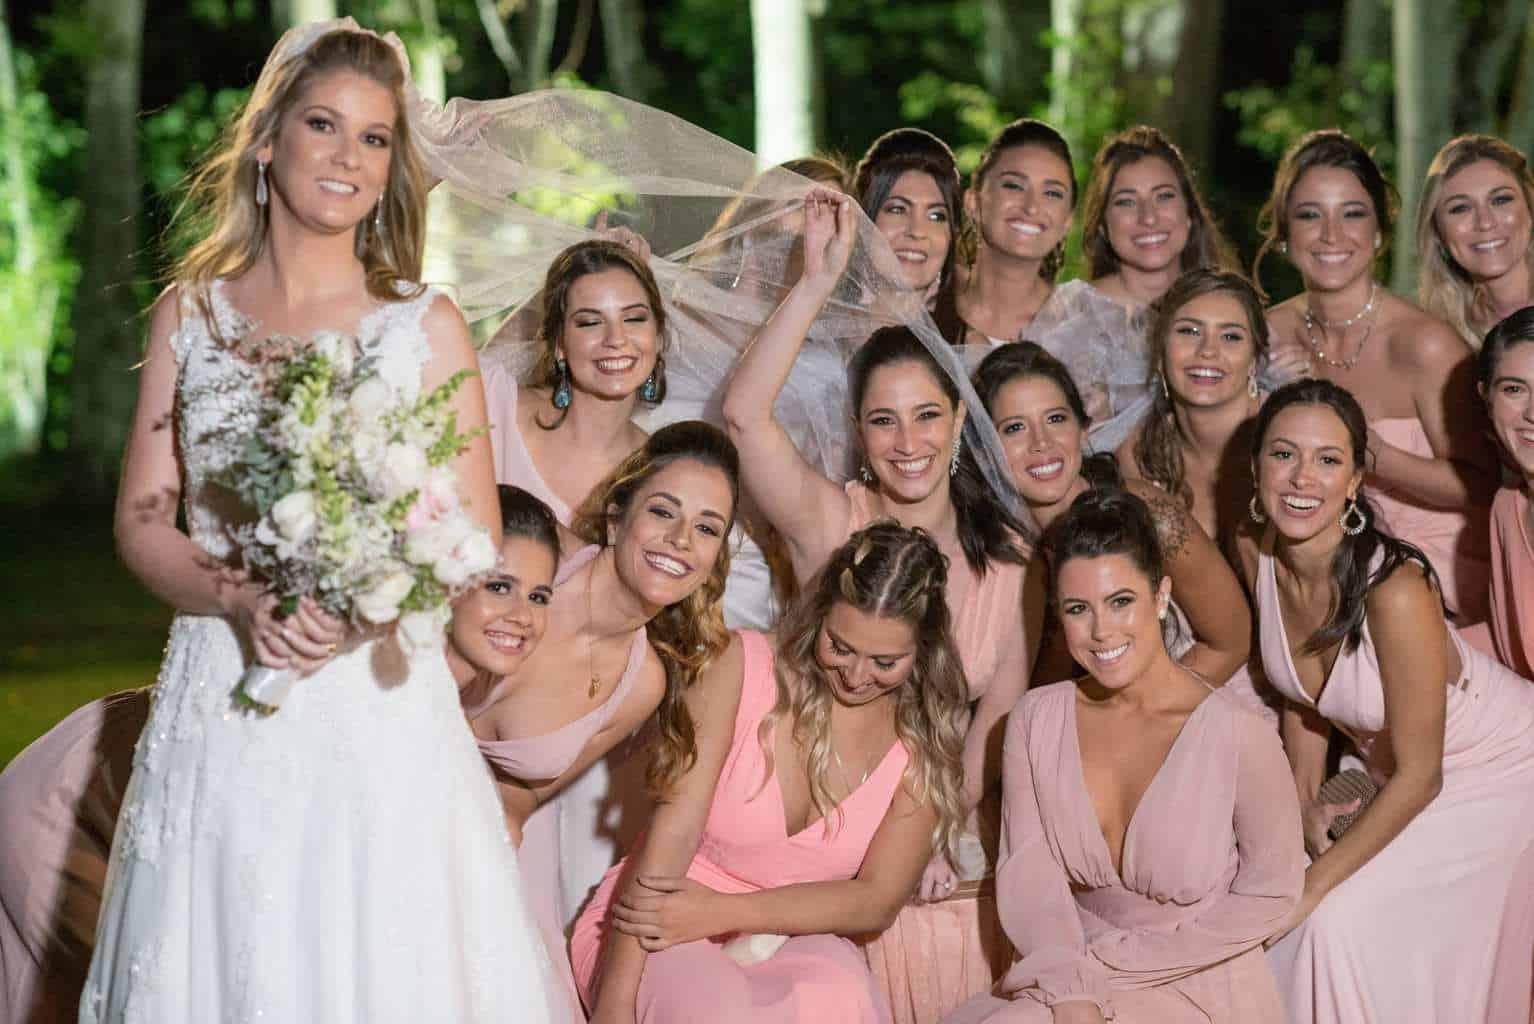 casamento-de-dia-casamento-Nicole-e-Thales-casamento-no-jardim-csasamento-ao-ar-livre-Fotografia-Marina-Fava-Galeria-Jardim-Rio-de-Janeiro-102